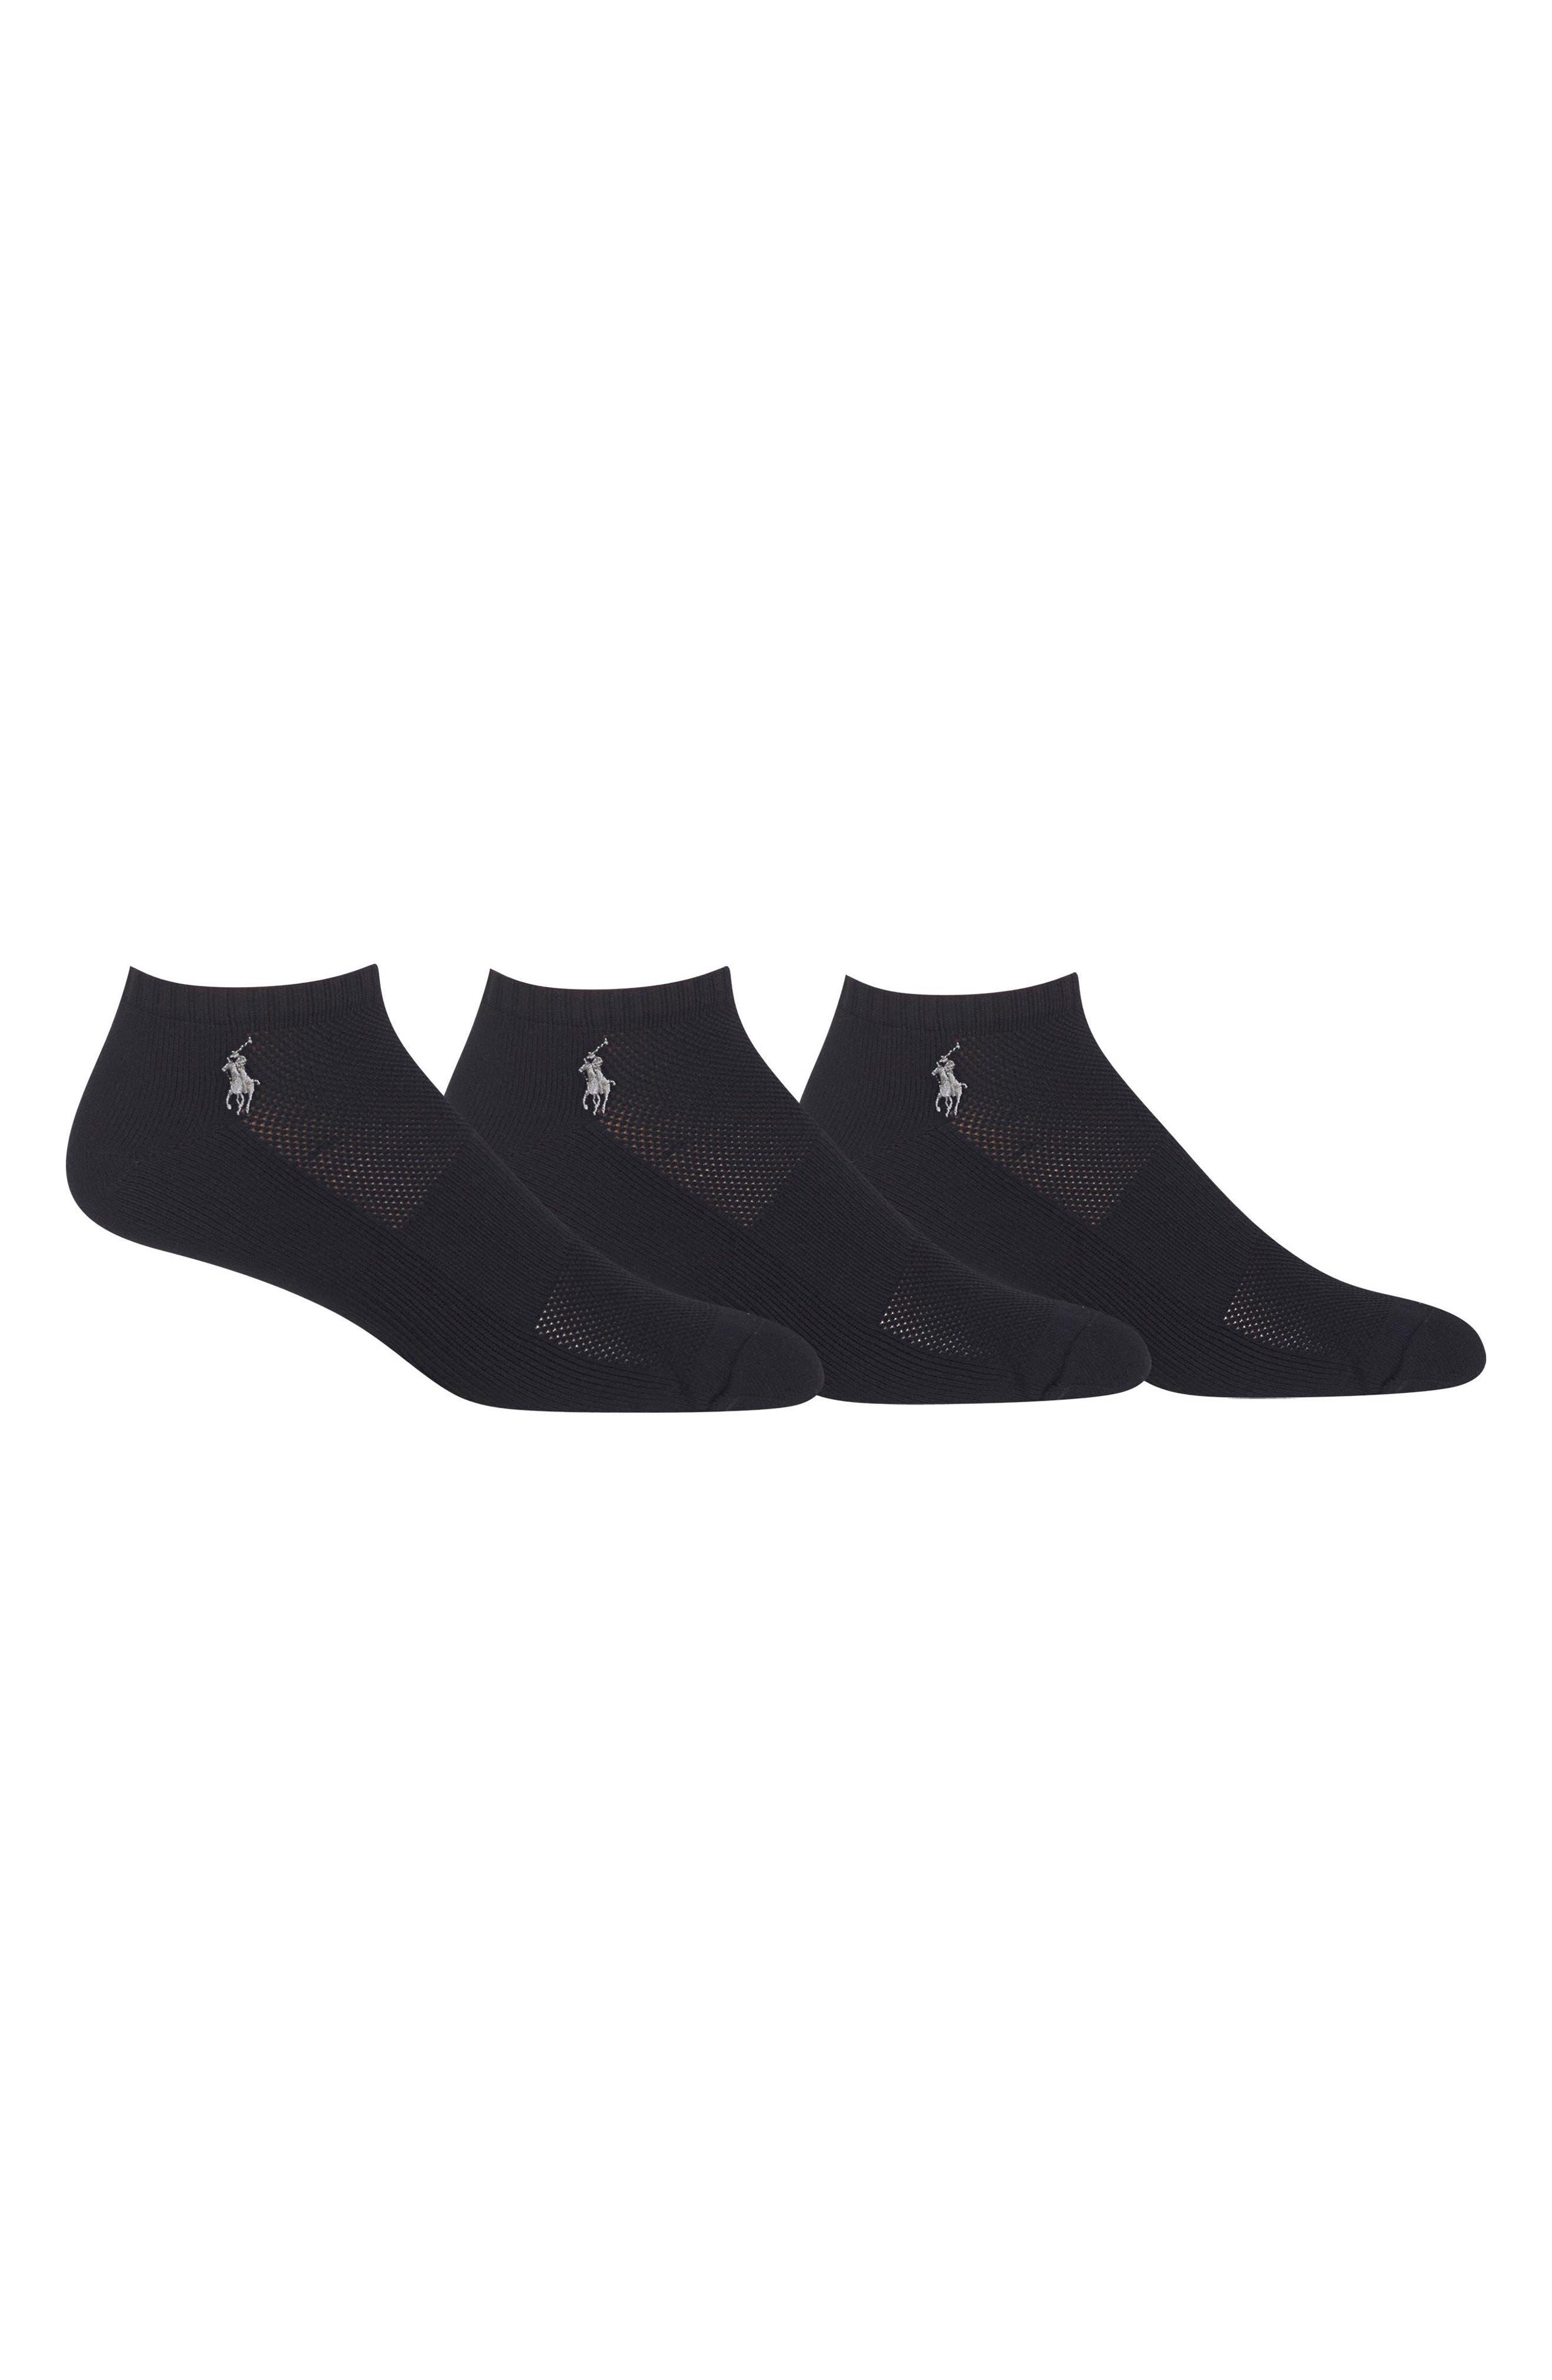 POLO RALPH LAUREN, 3-Pack Technical Sport Socks, Alternate thumbnail 2, color, BLACK